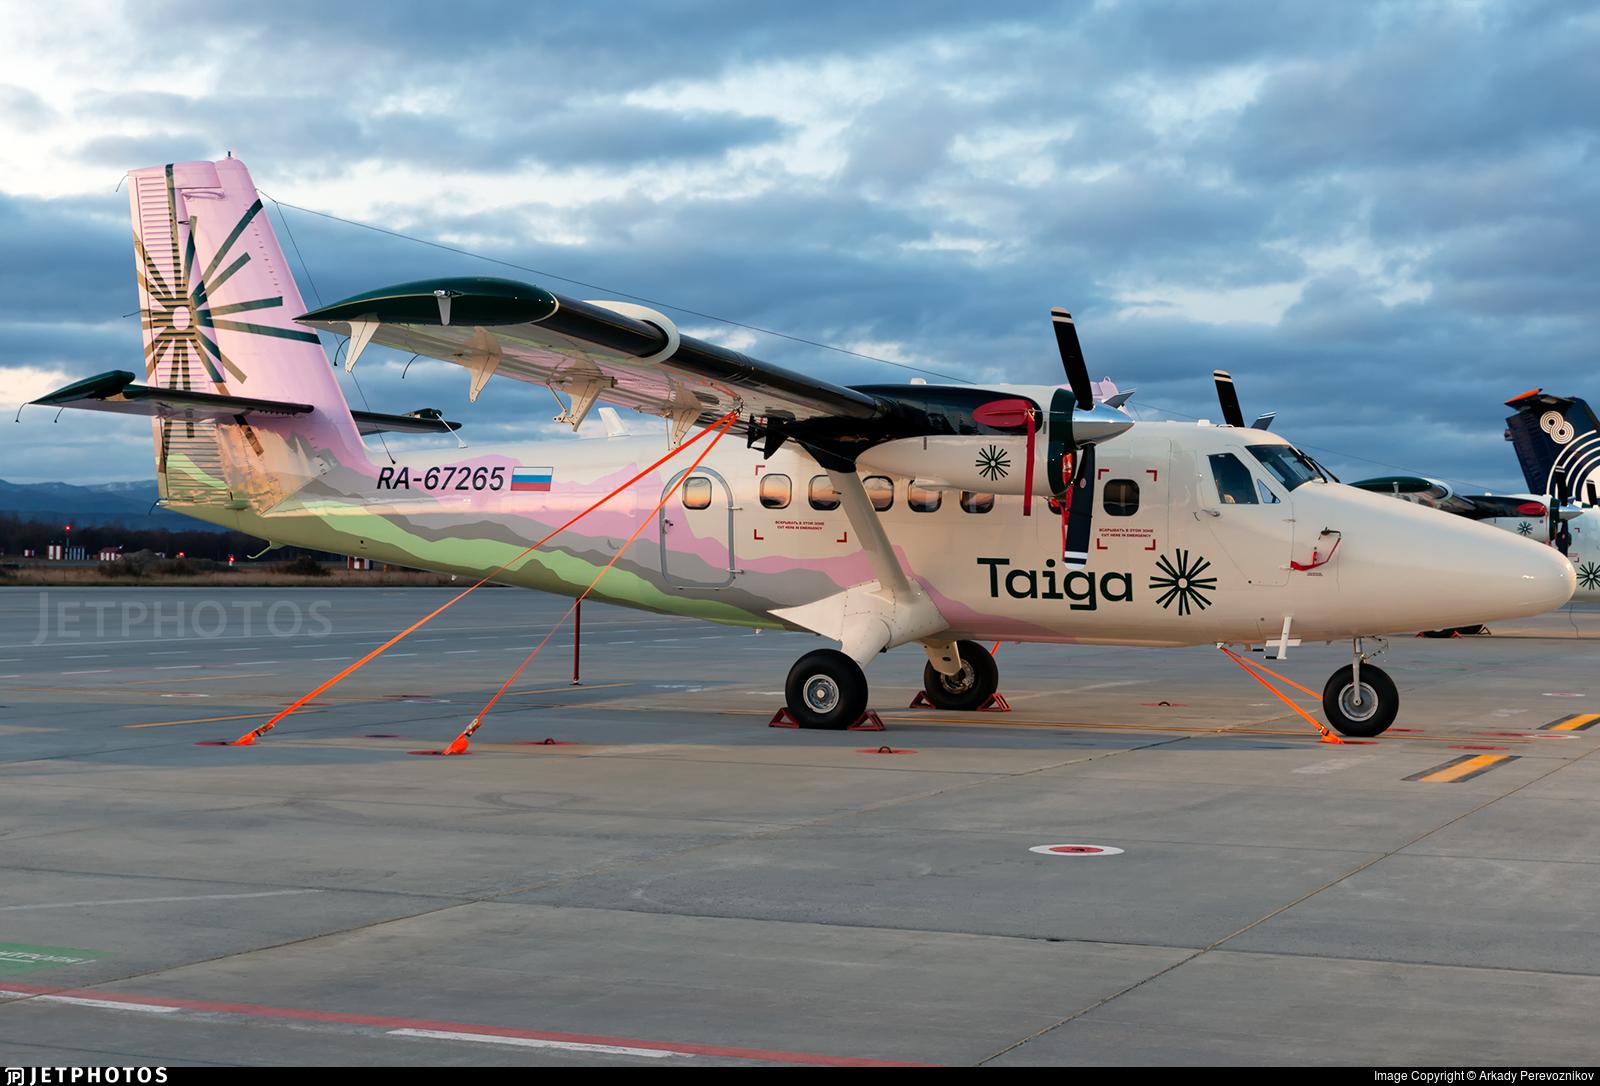 RA-67265 - Viking DHC-6-400 Twin Otter - Taiga Air